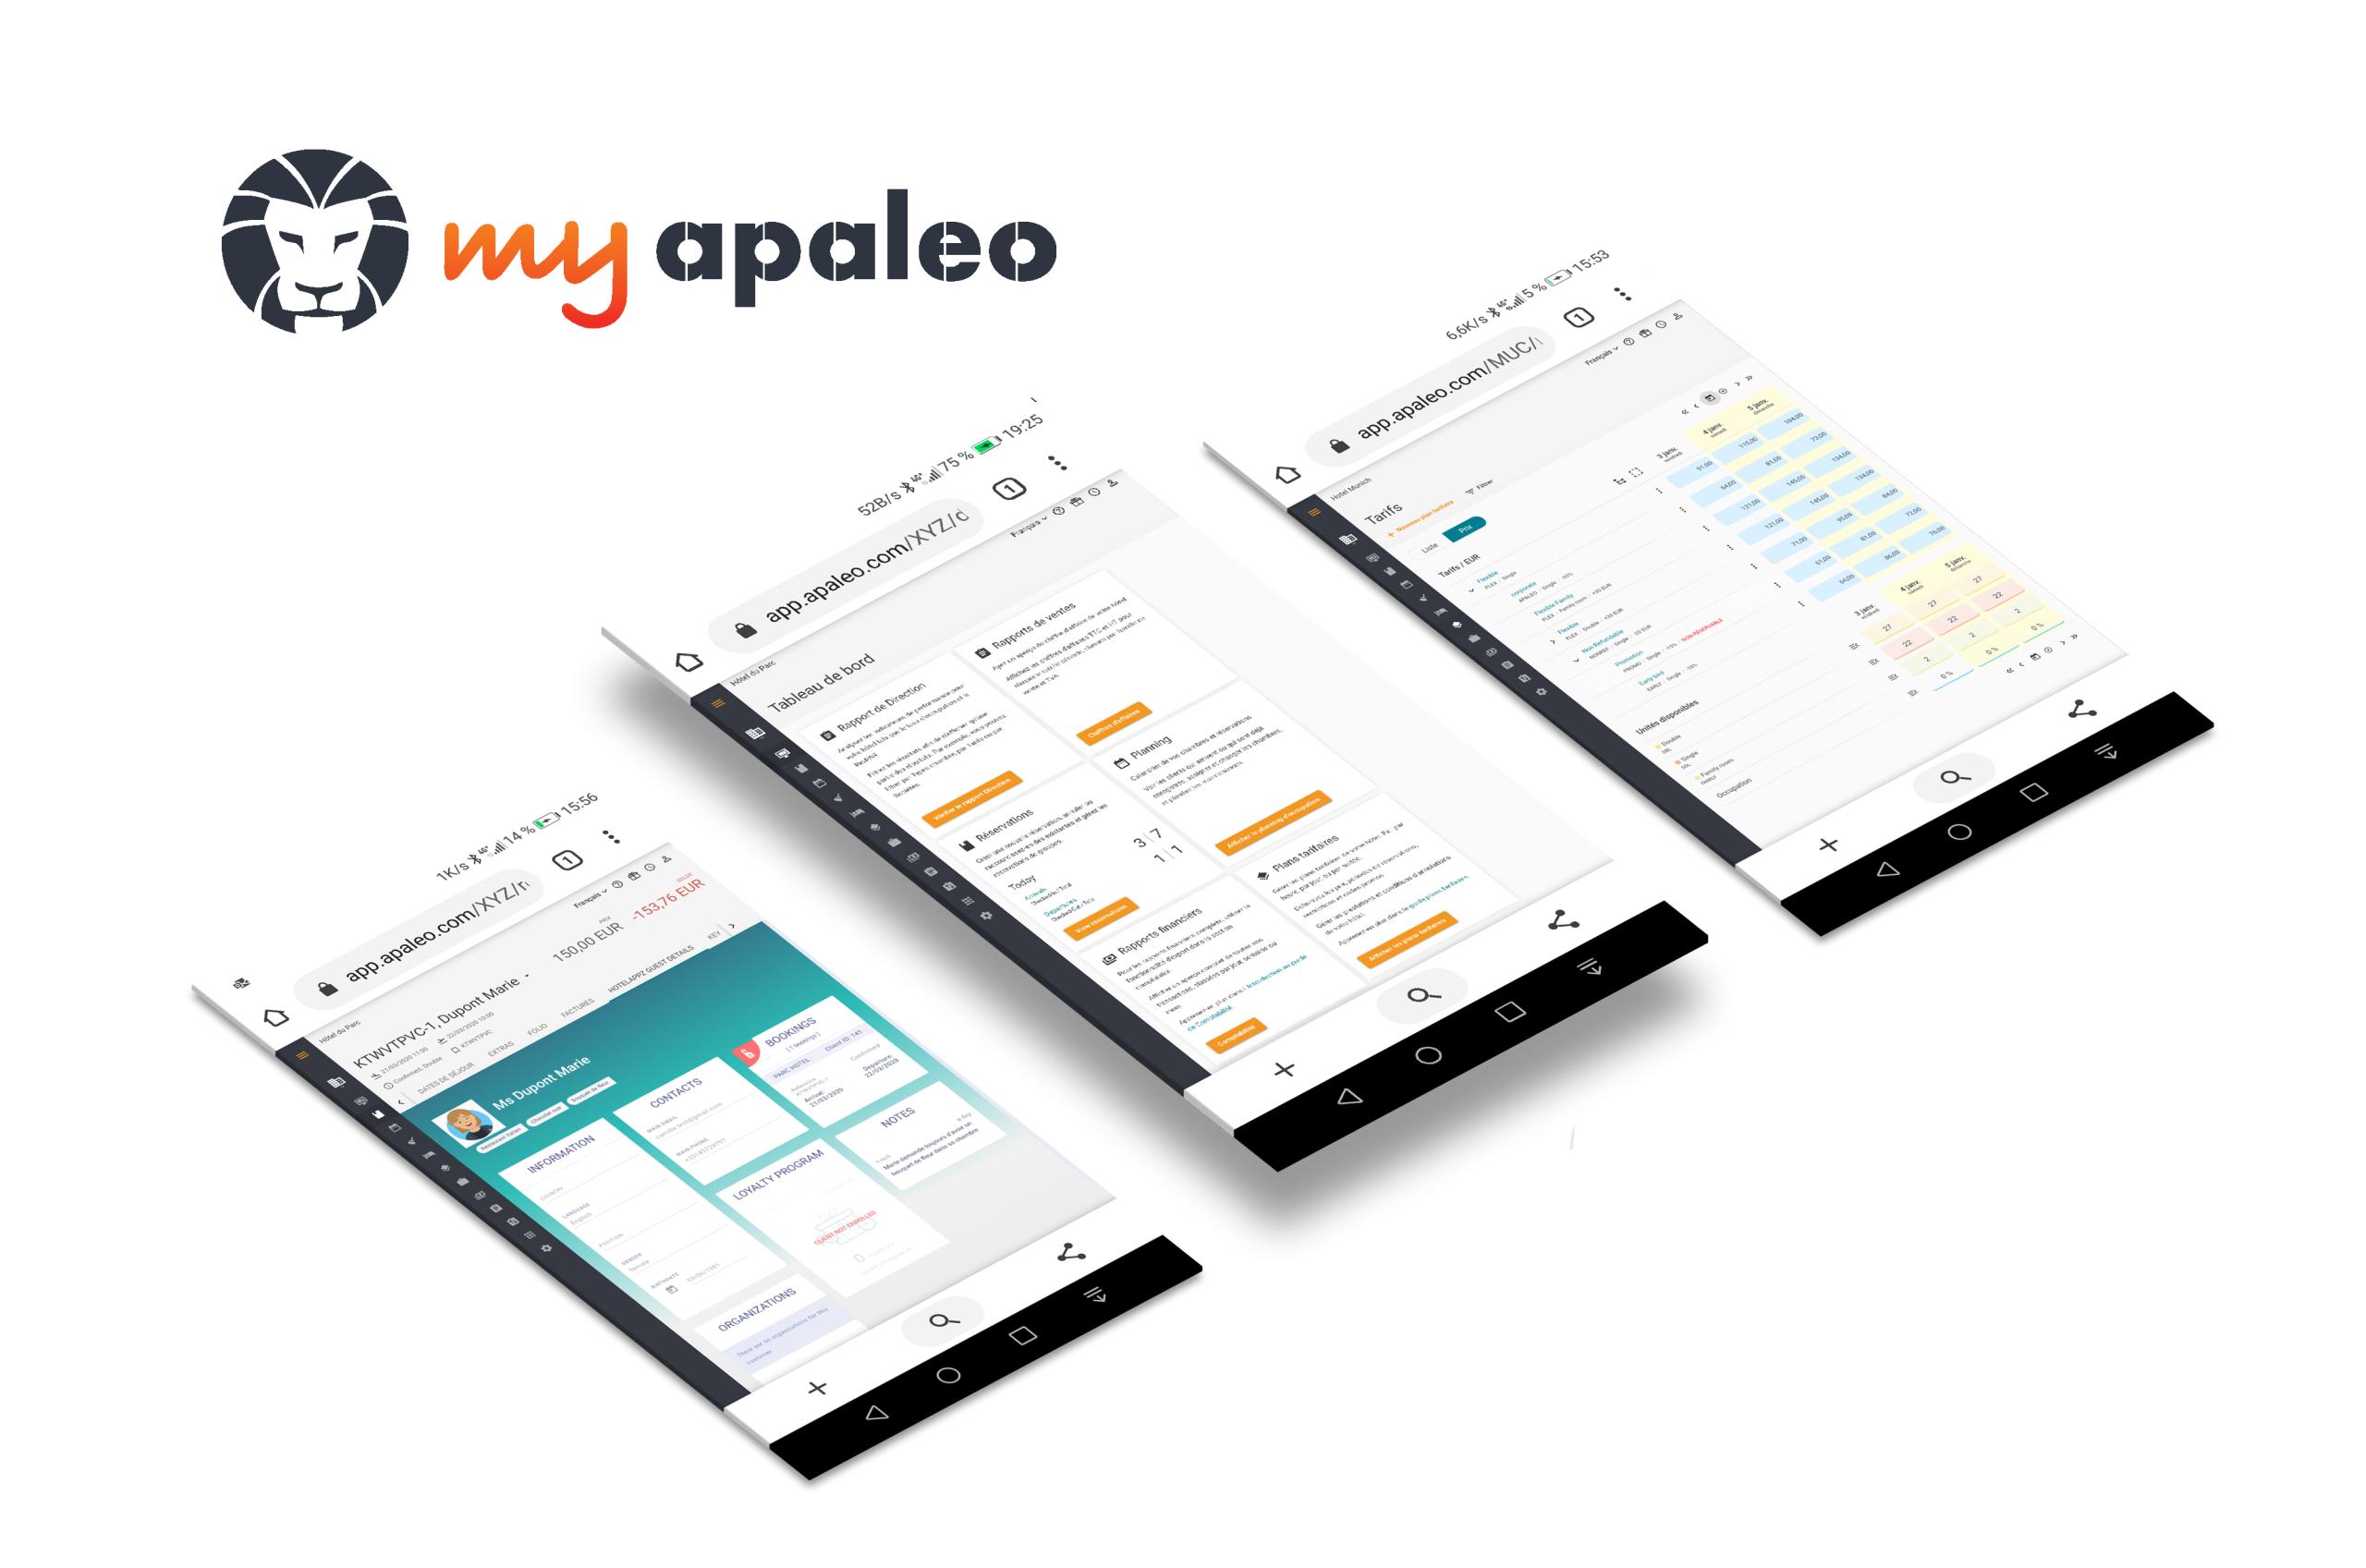 My apaleo smartphone